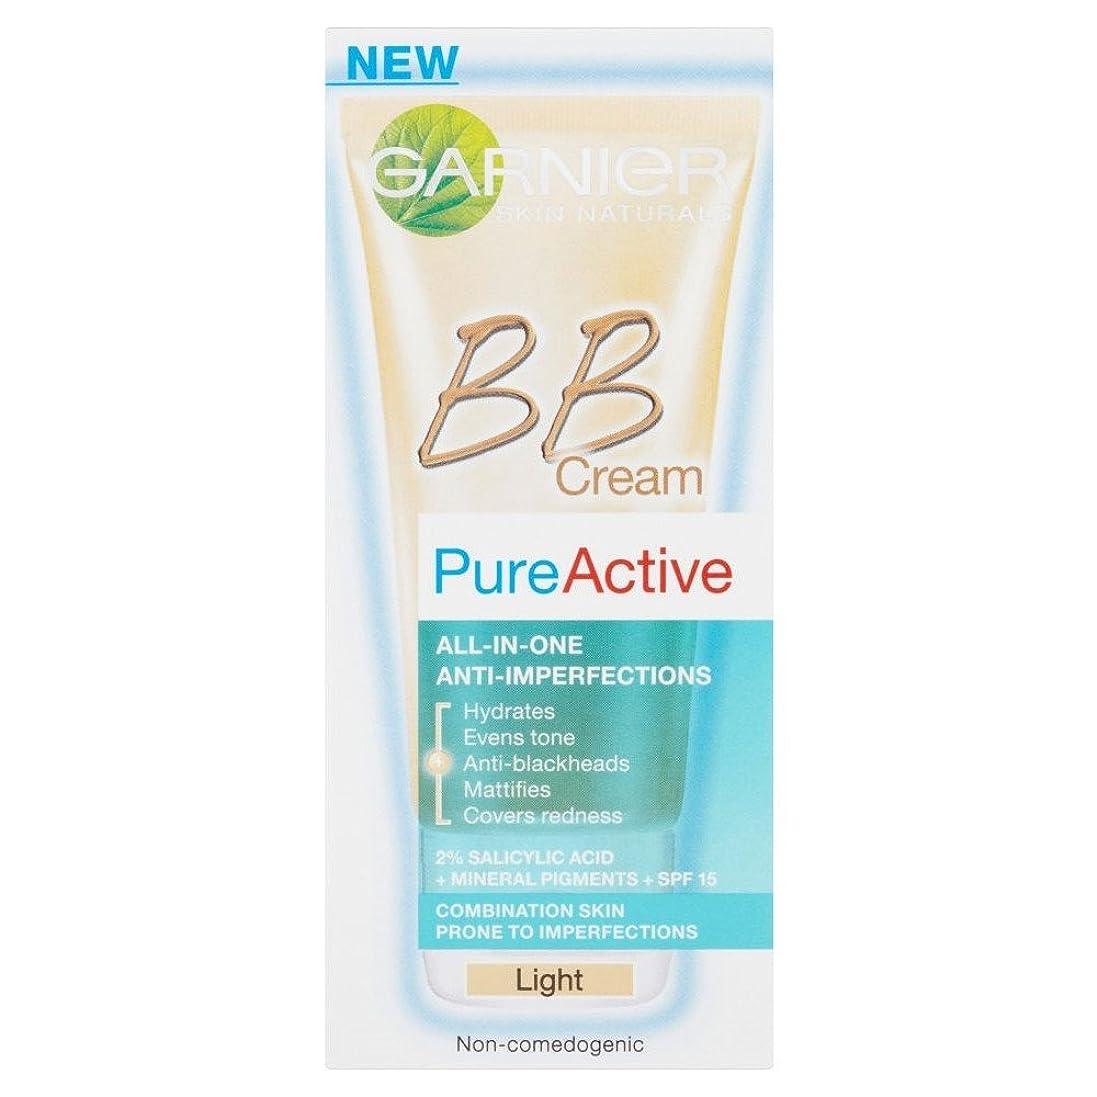 抑圧超える細心のGarnier Pure Active BB Cream - Light (50ml) ガルニエ純粋な活性bbクリーム - 光( 50ミリリットル) [並行輸入品]